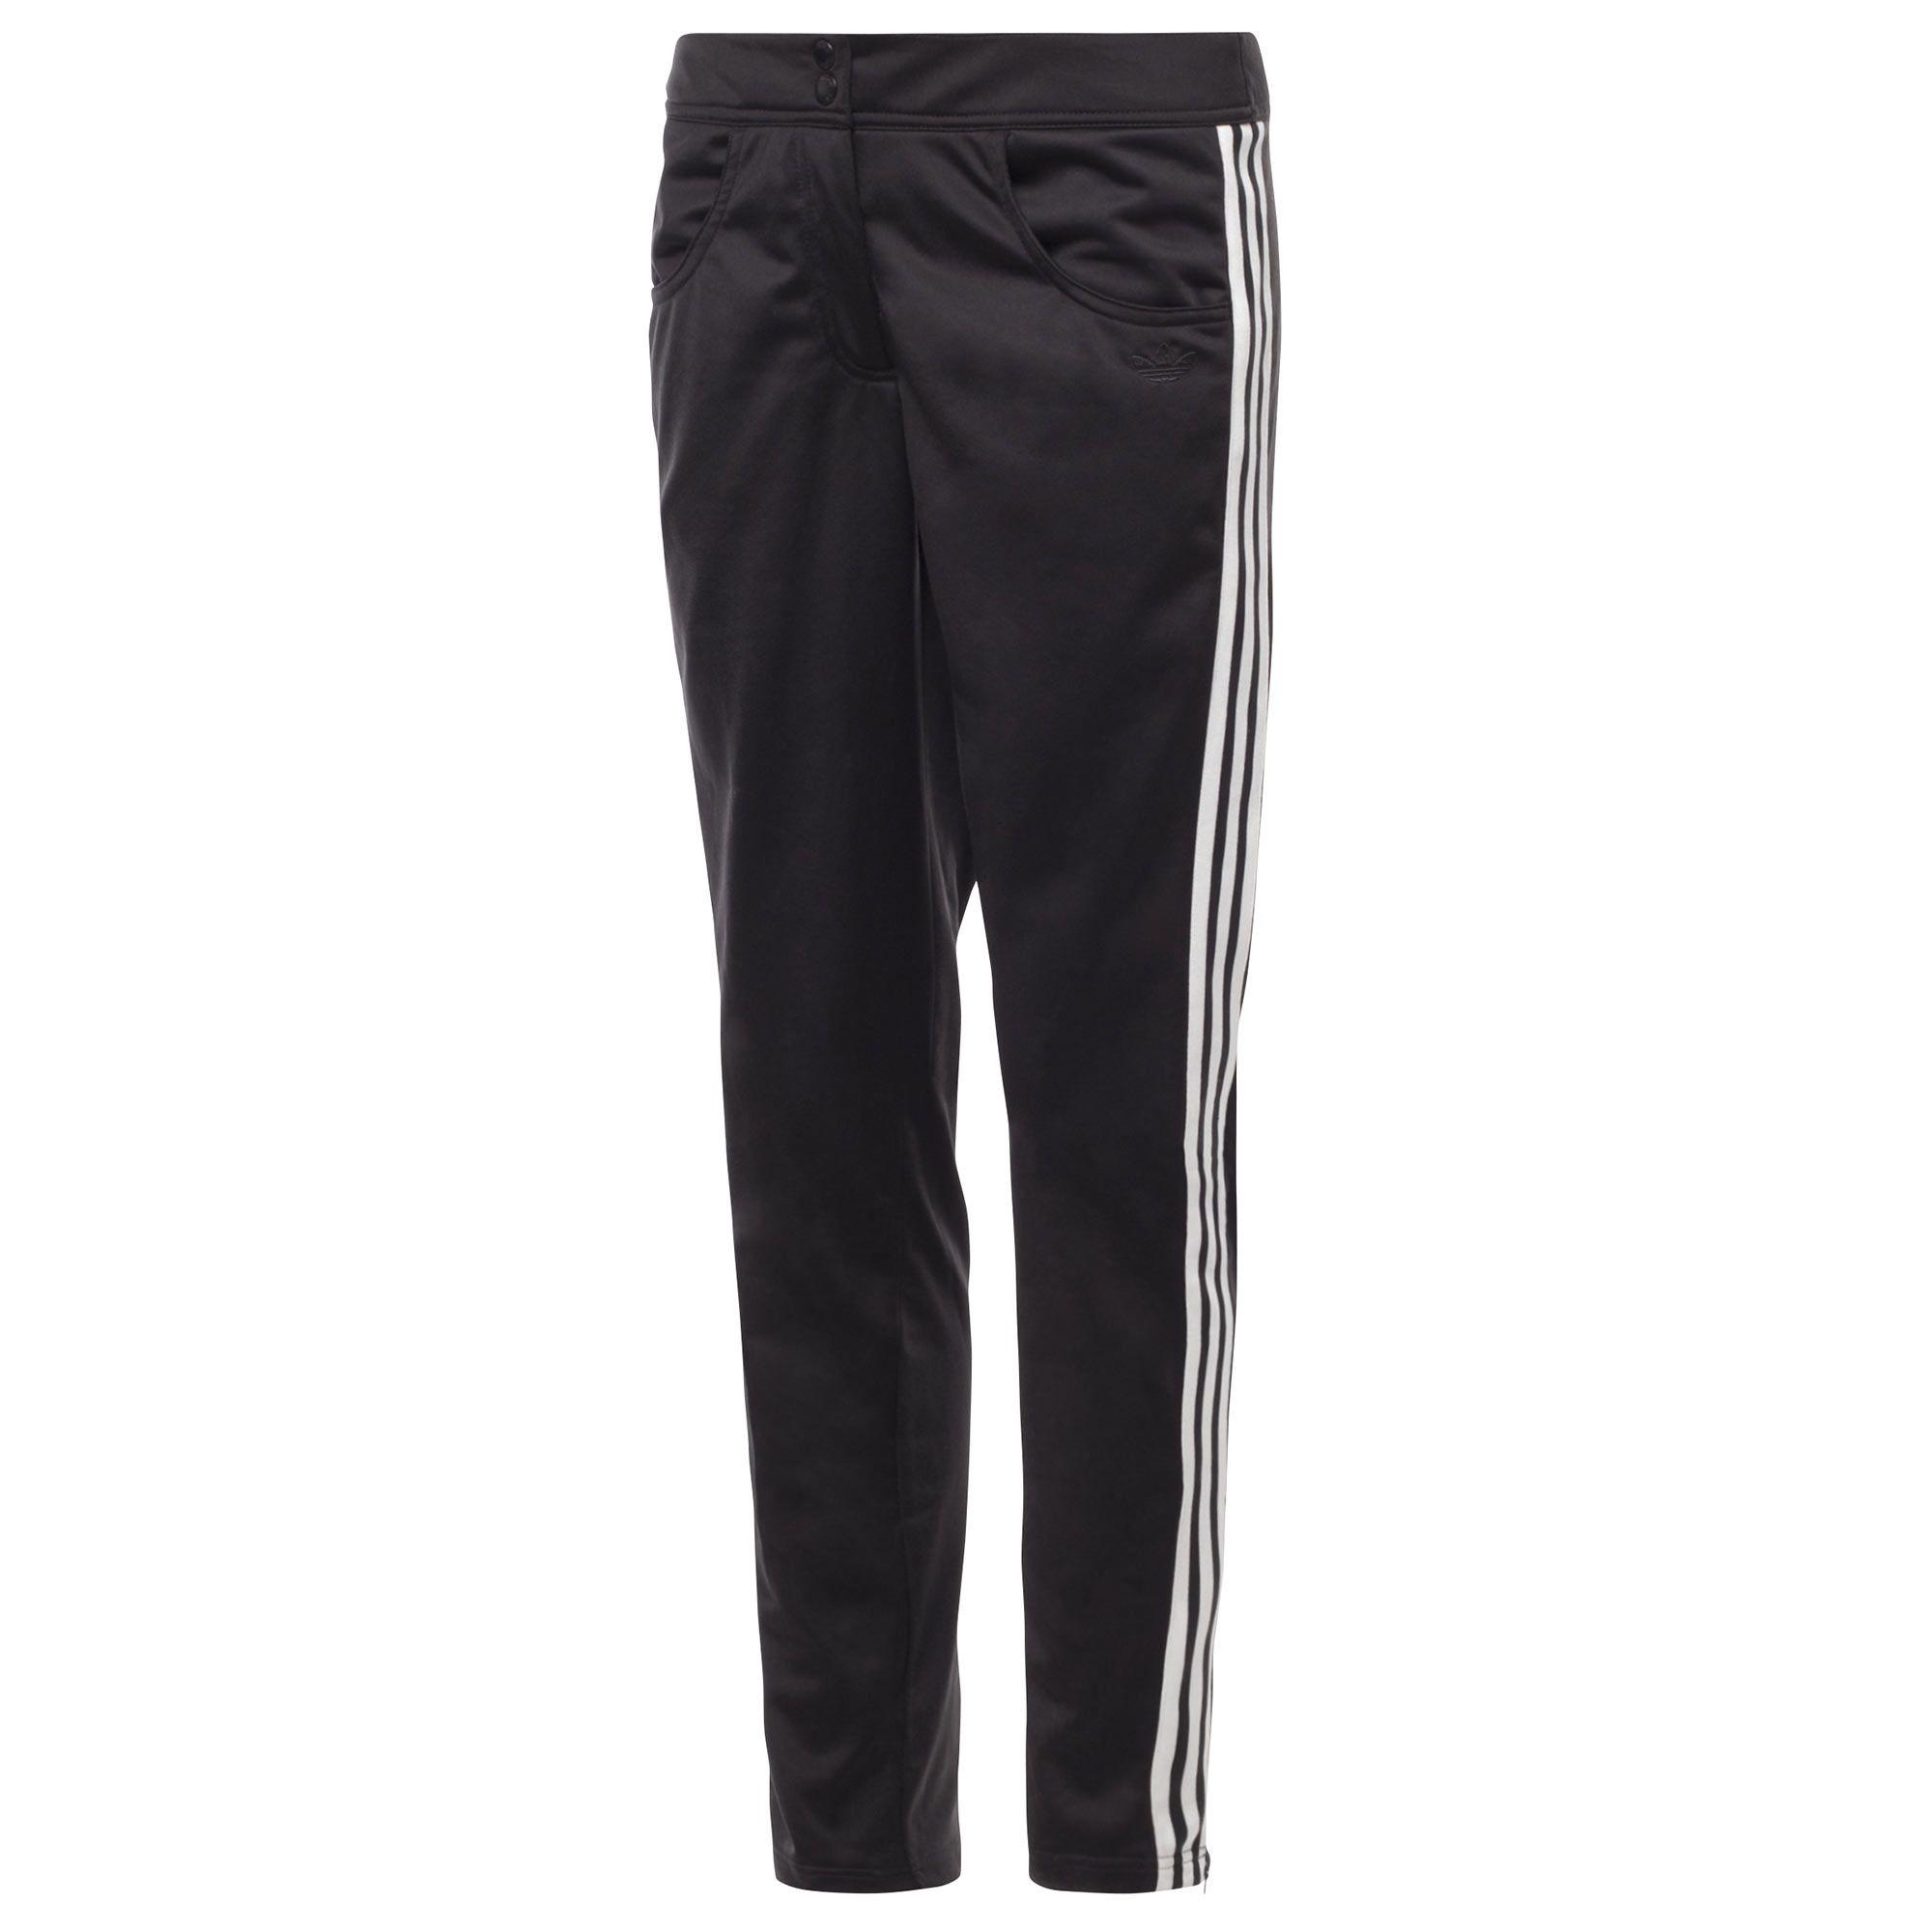 Adoración Decisión Disparo  Adidas Originals Pantalón Mujer Slim Supergirl TP (negro/blanco)